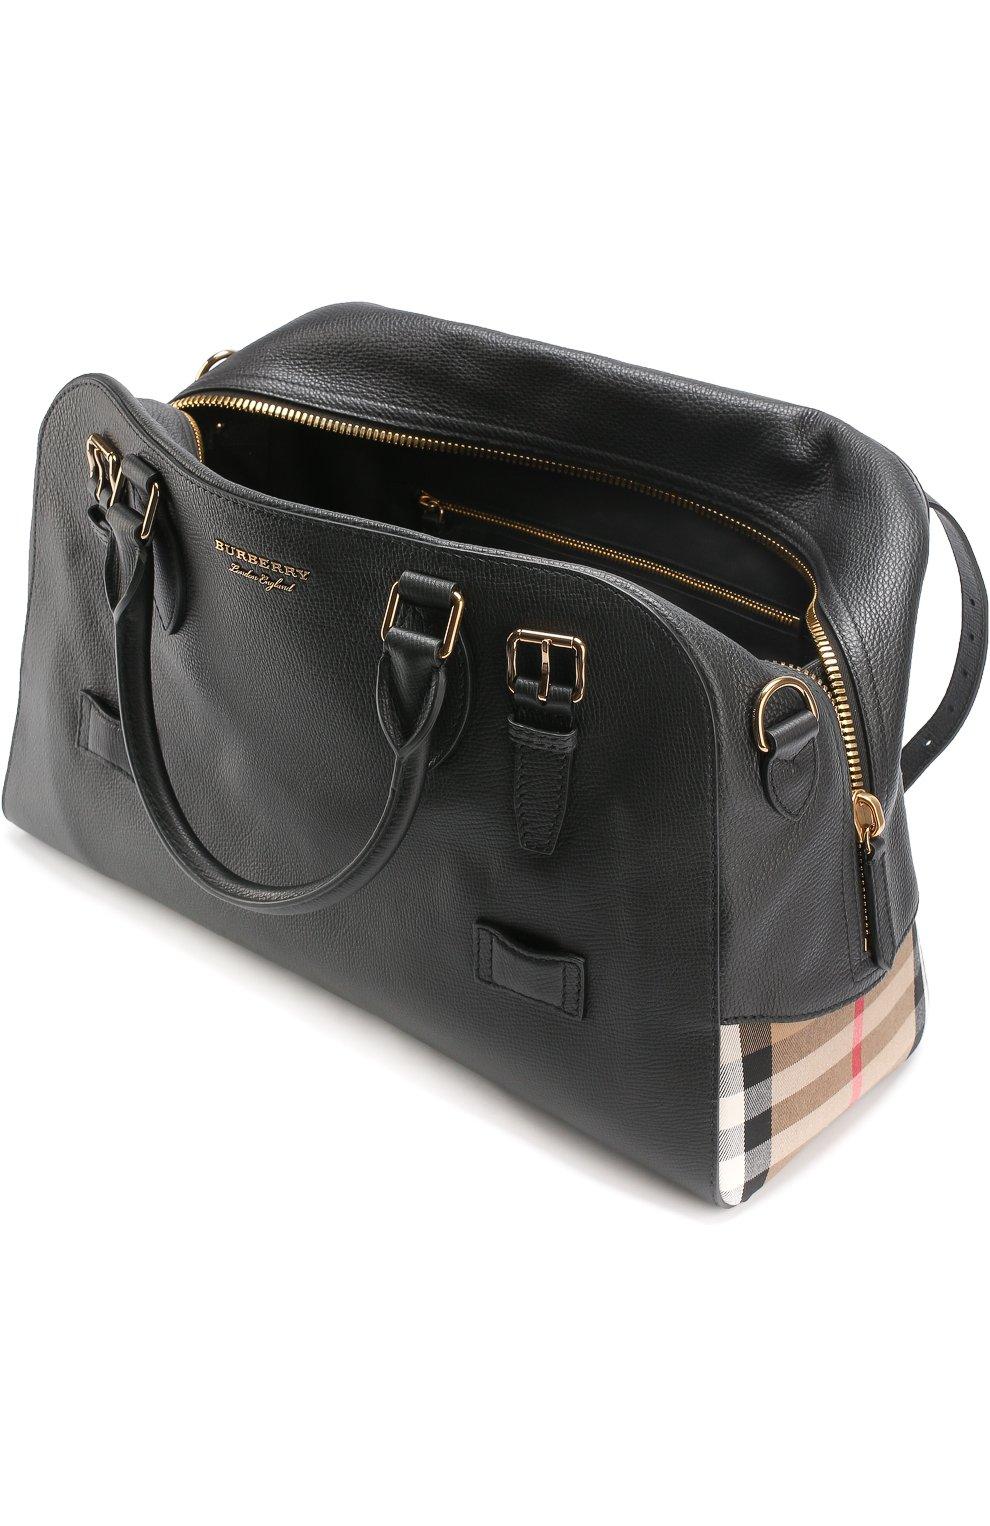 def6dd0ce758 Кожаная дорожная сумка с плечевым ремнем и контрастной отделкой   Фото №4